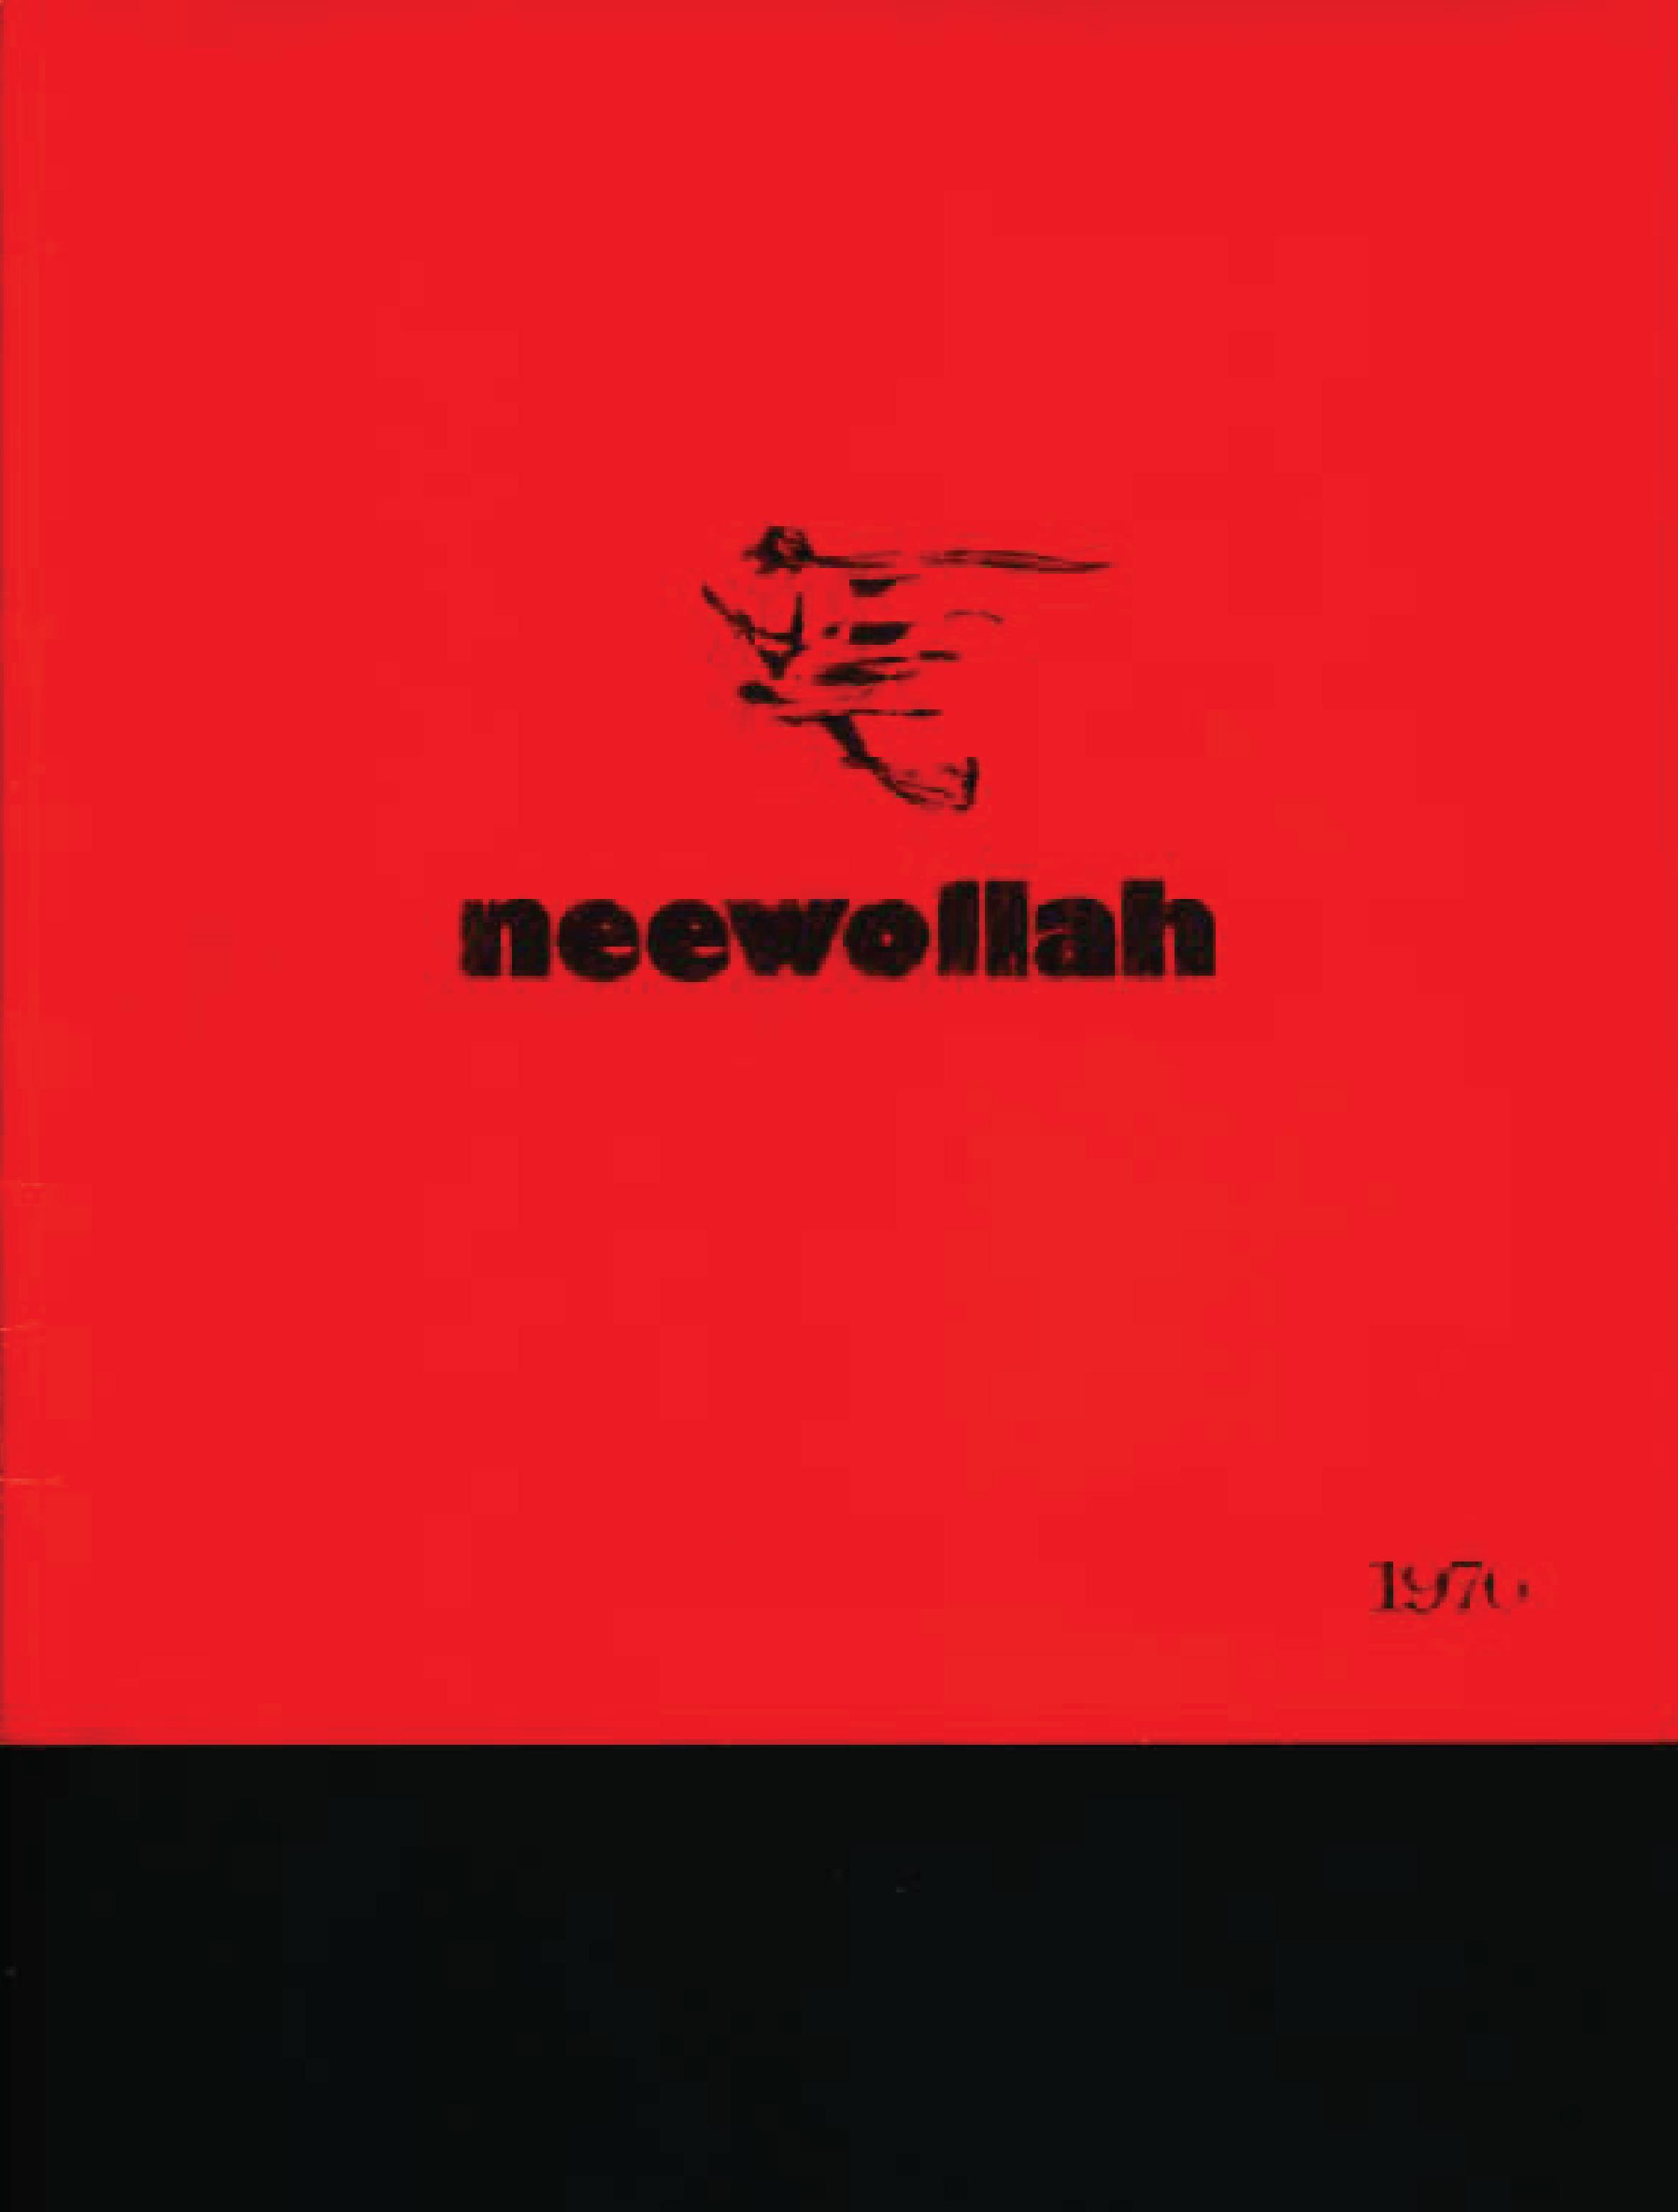 Neewollah 1976